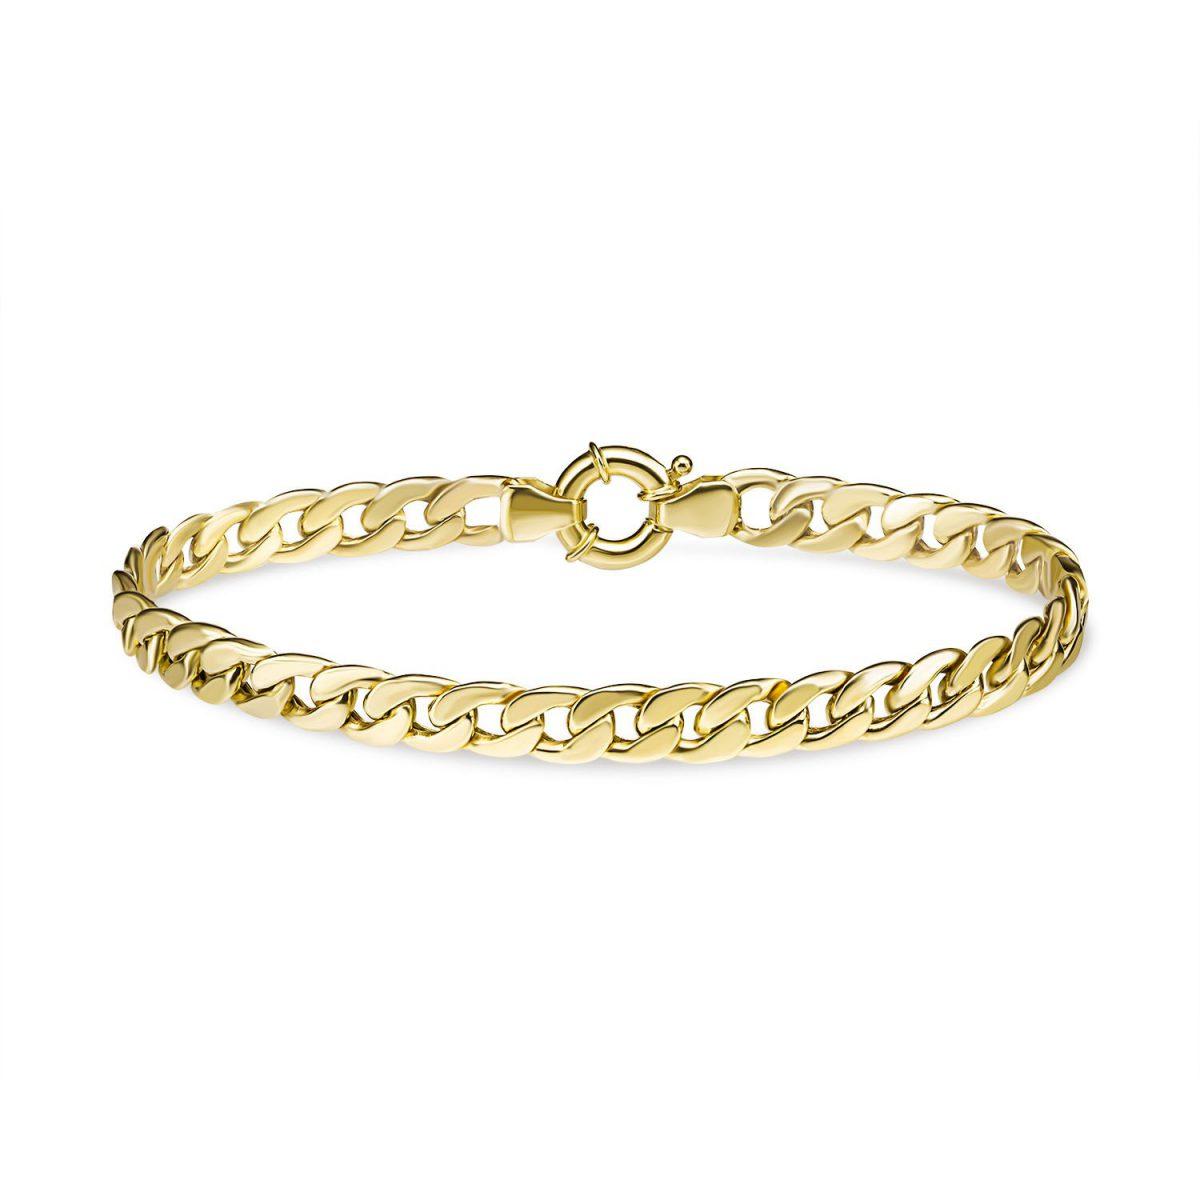 צמיד זהב - מור - זהב צהוב